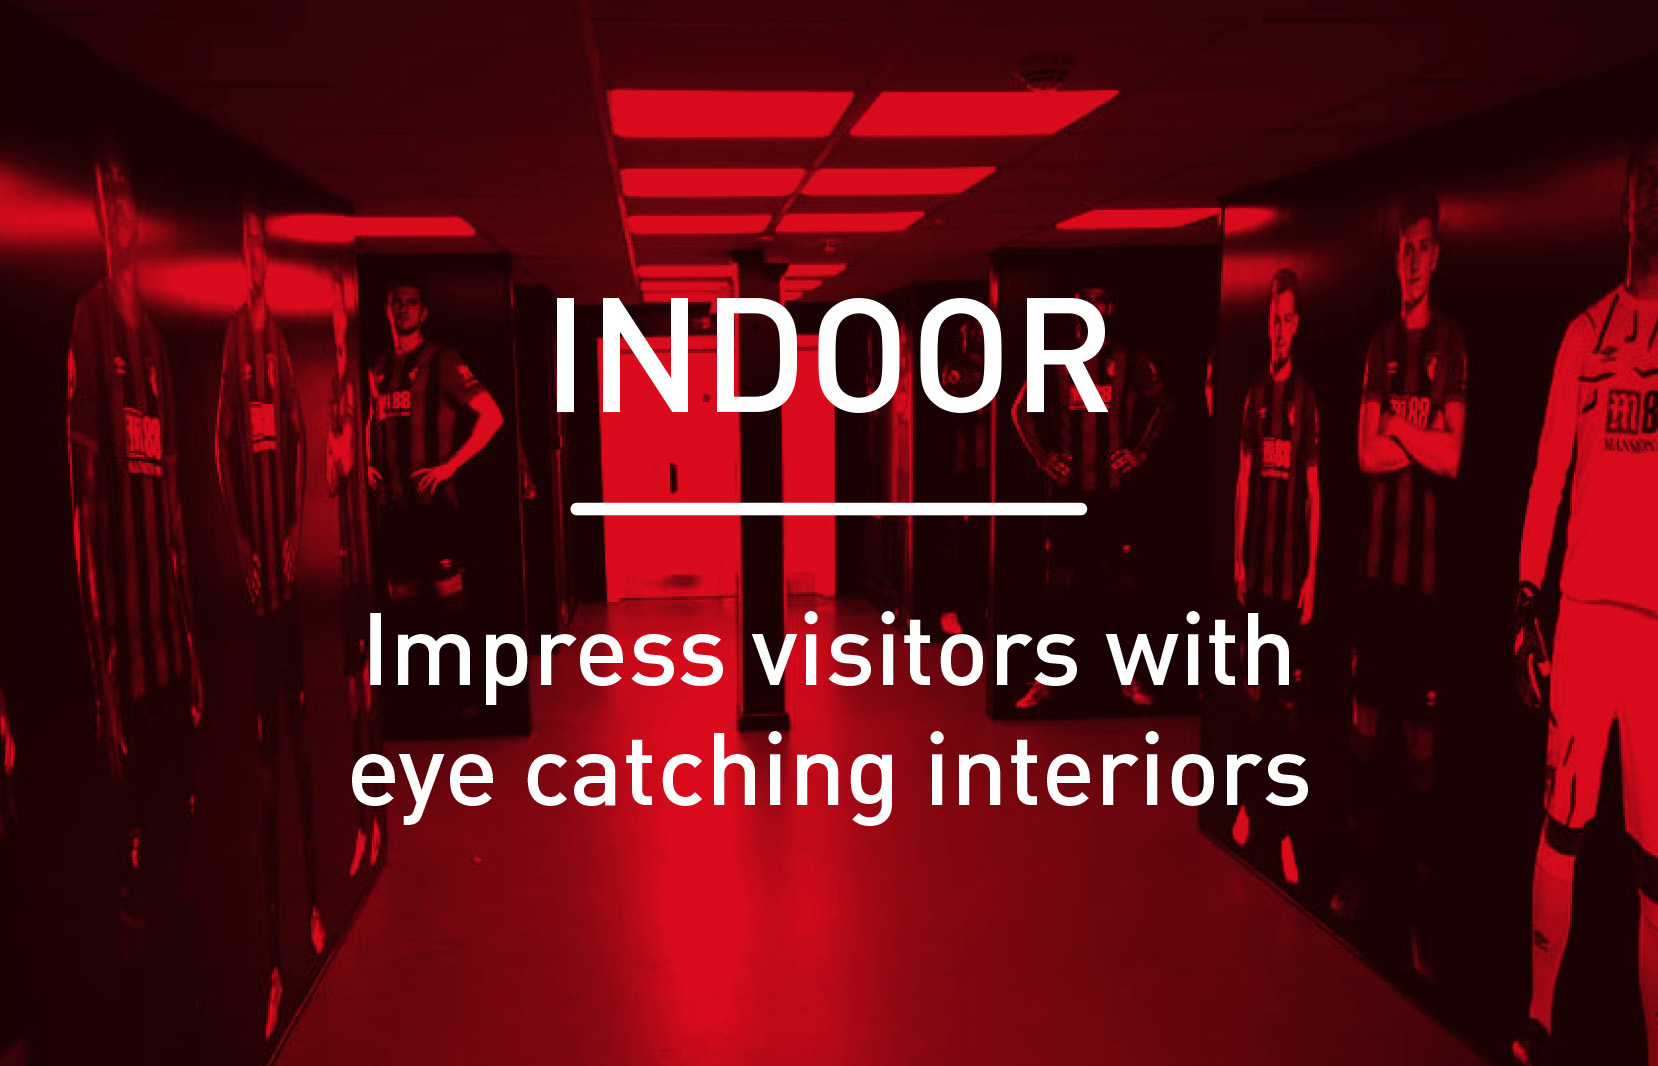 btn_indoor_over